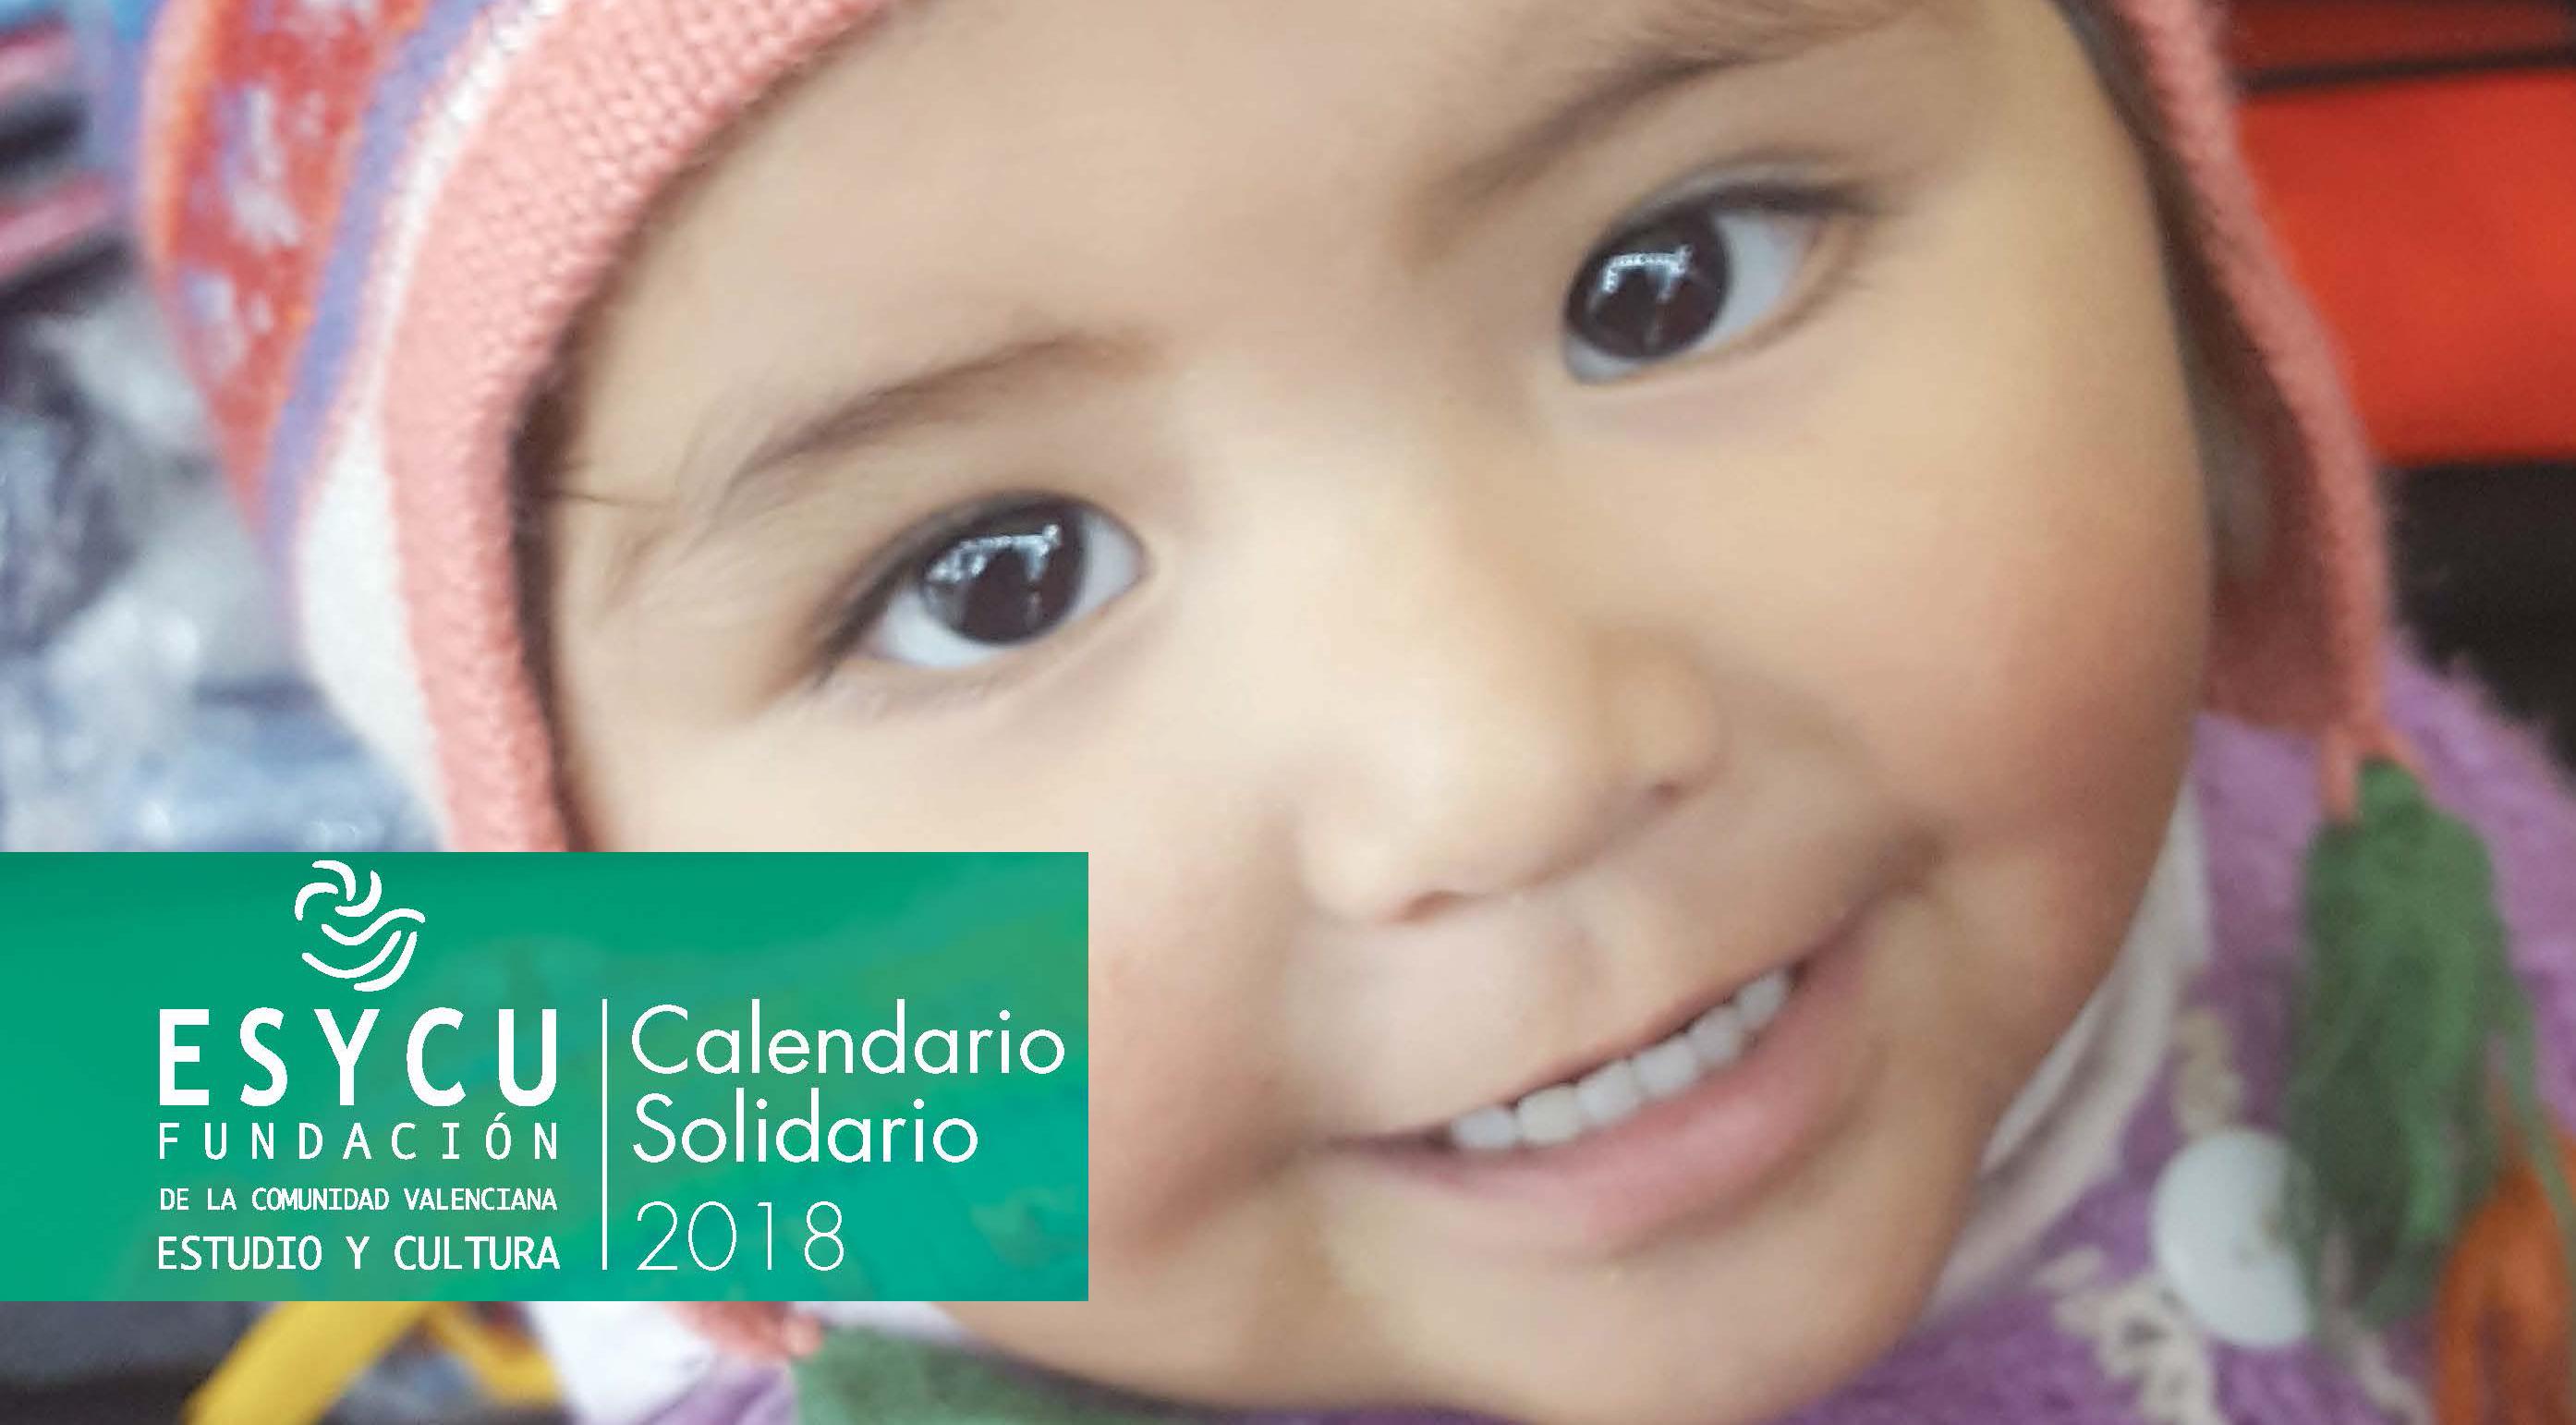 Calendario Solidario 2018